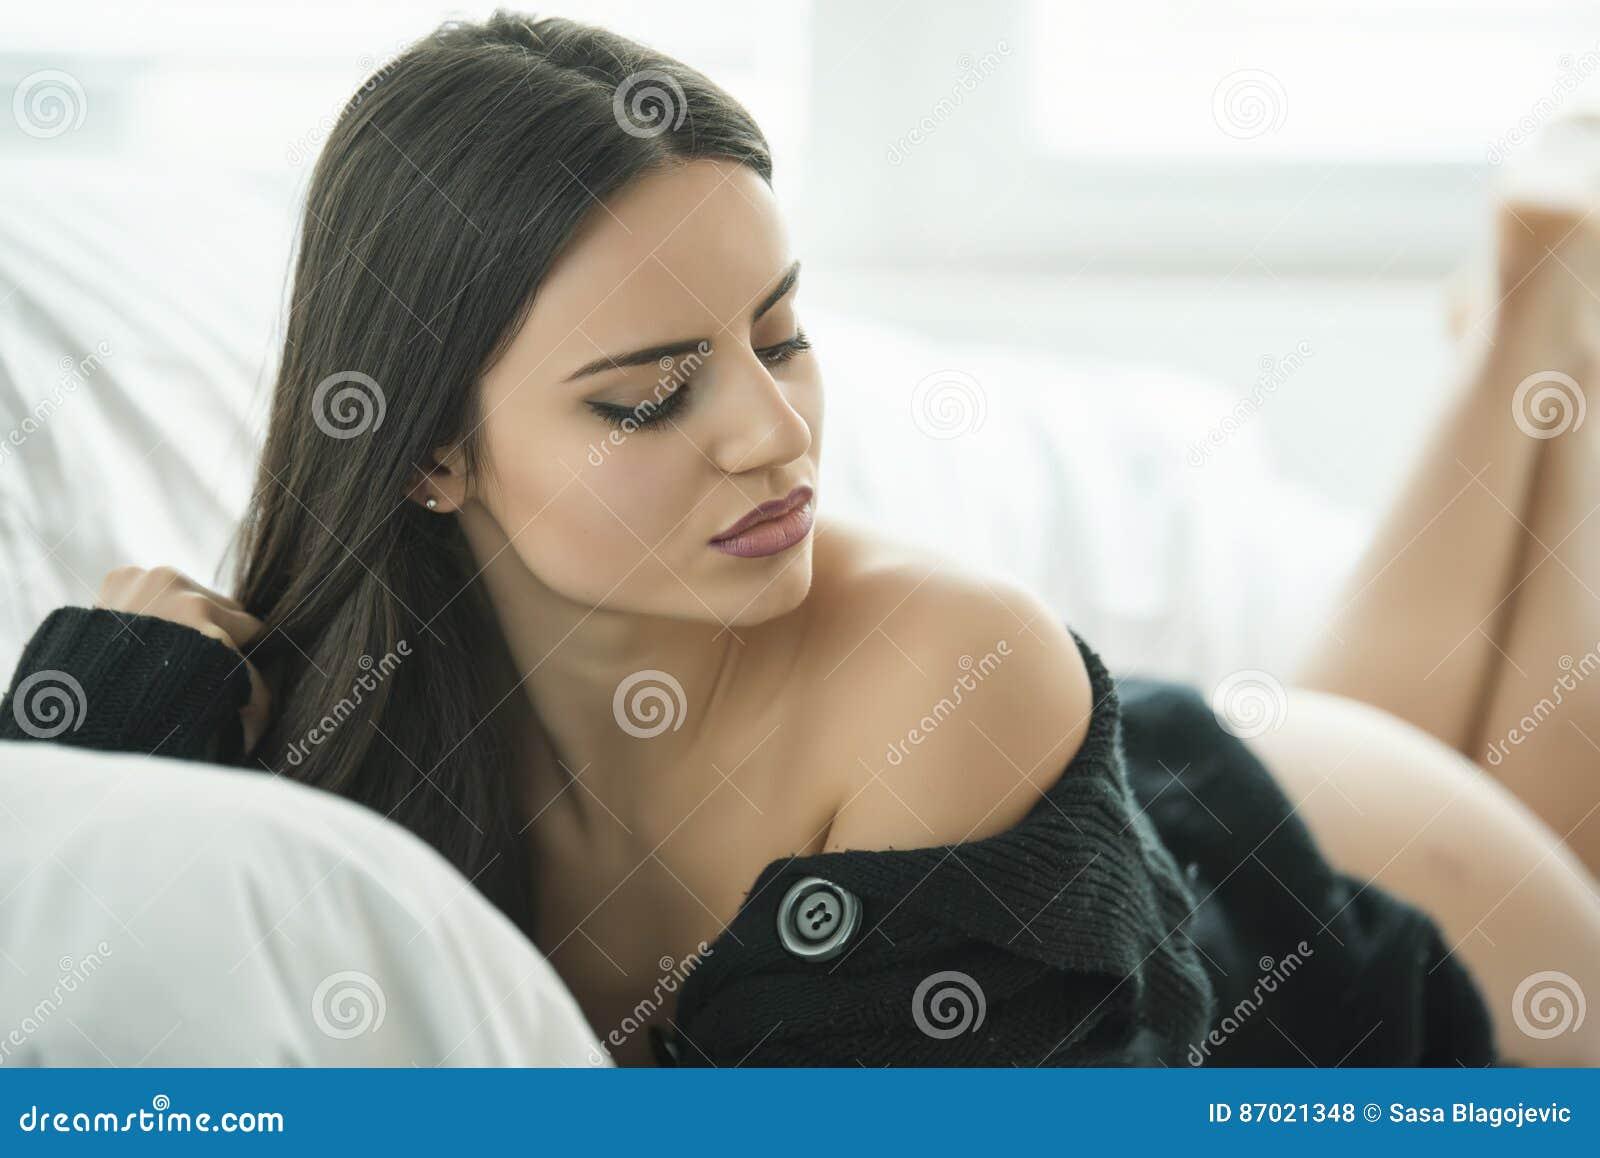 liefde verhaal Porn Tube